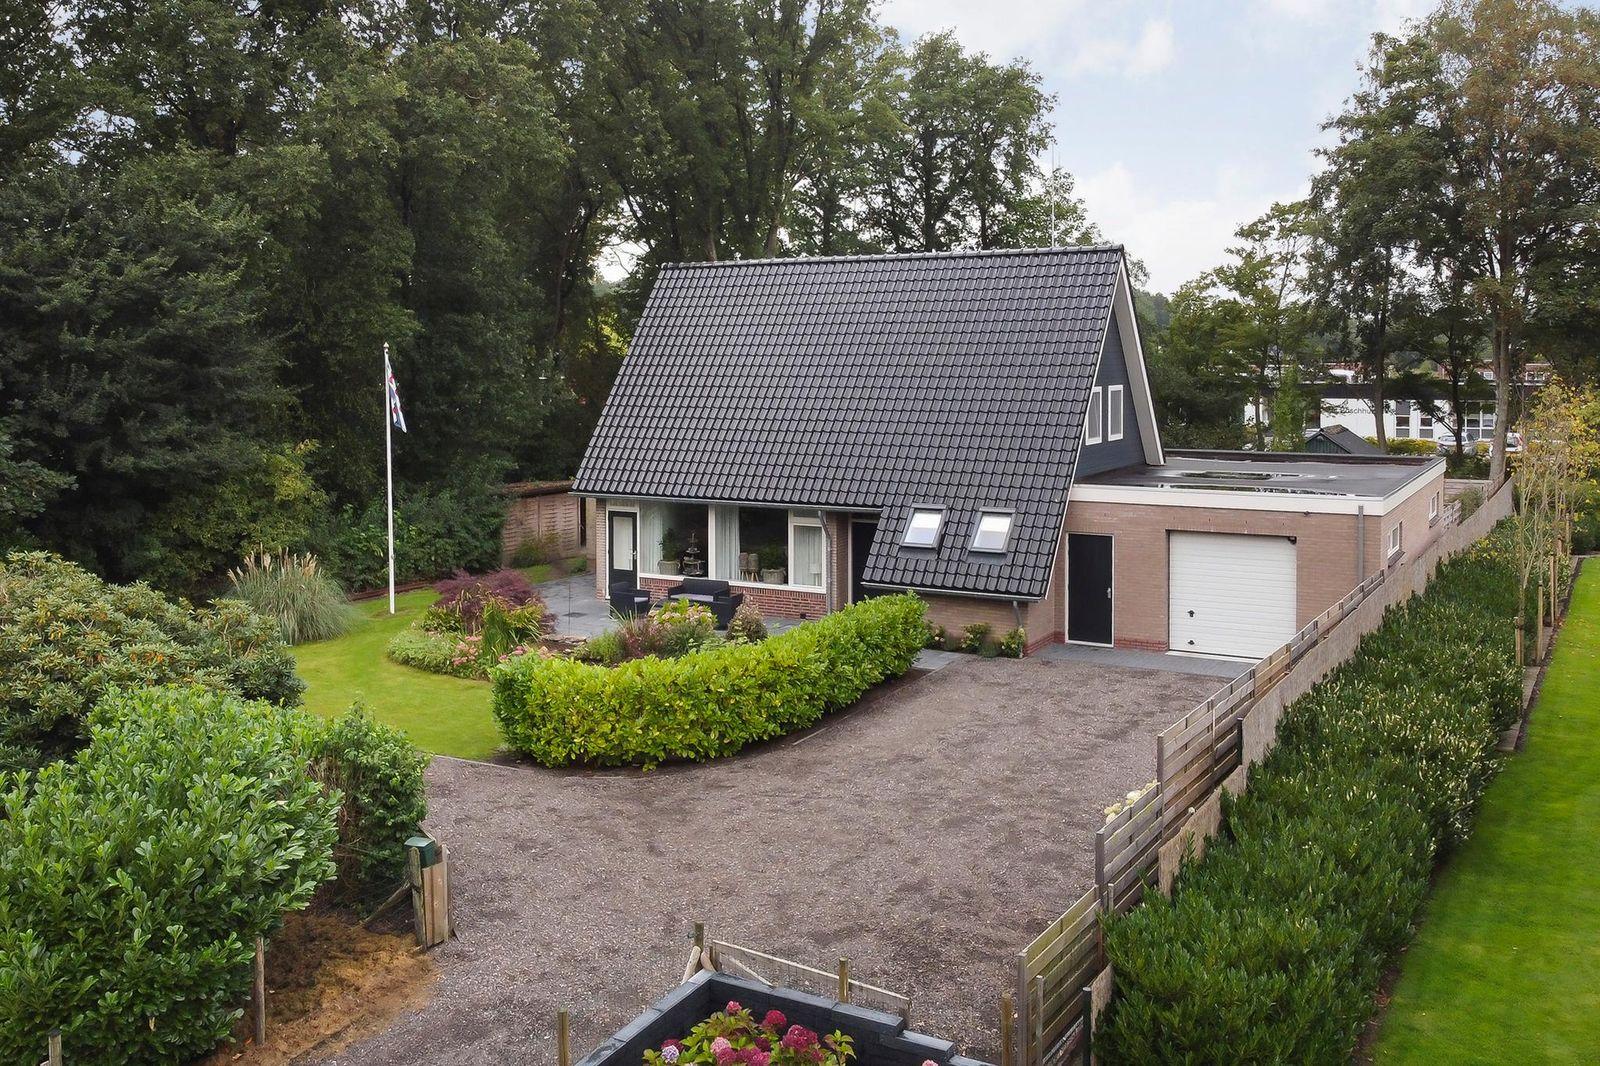 Zomerweg 81, Noardburgum